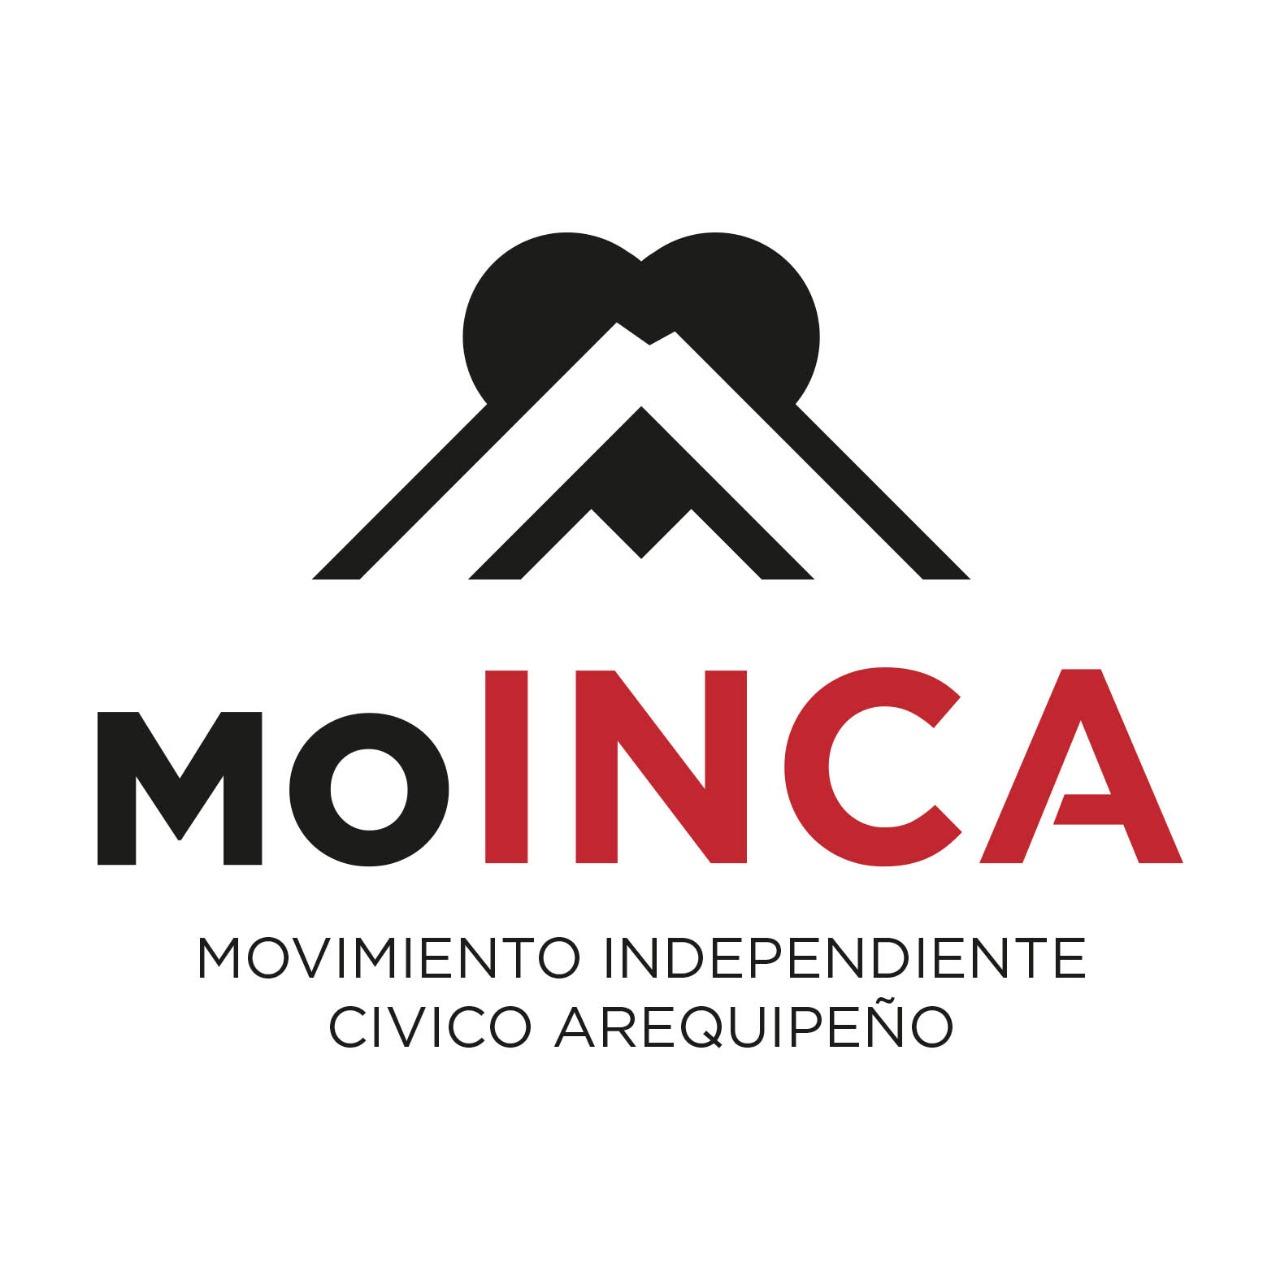 Moinca